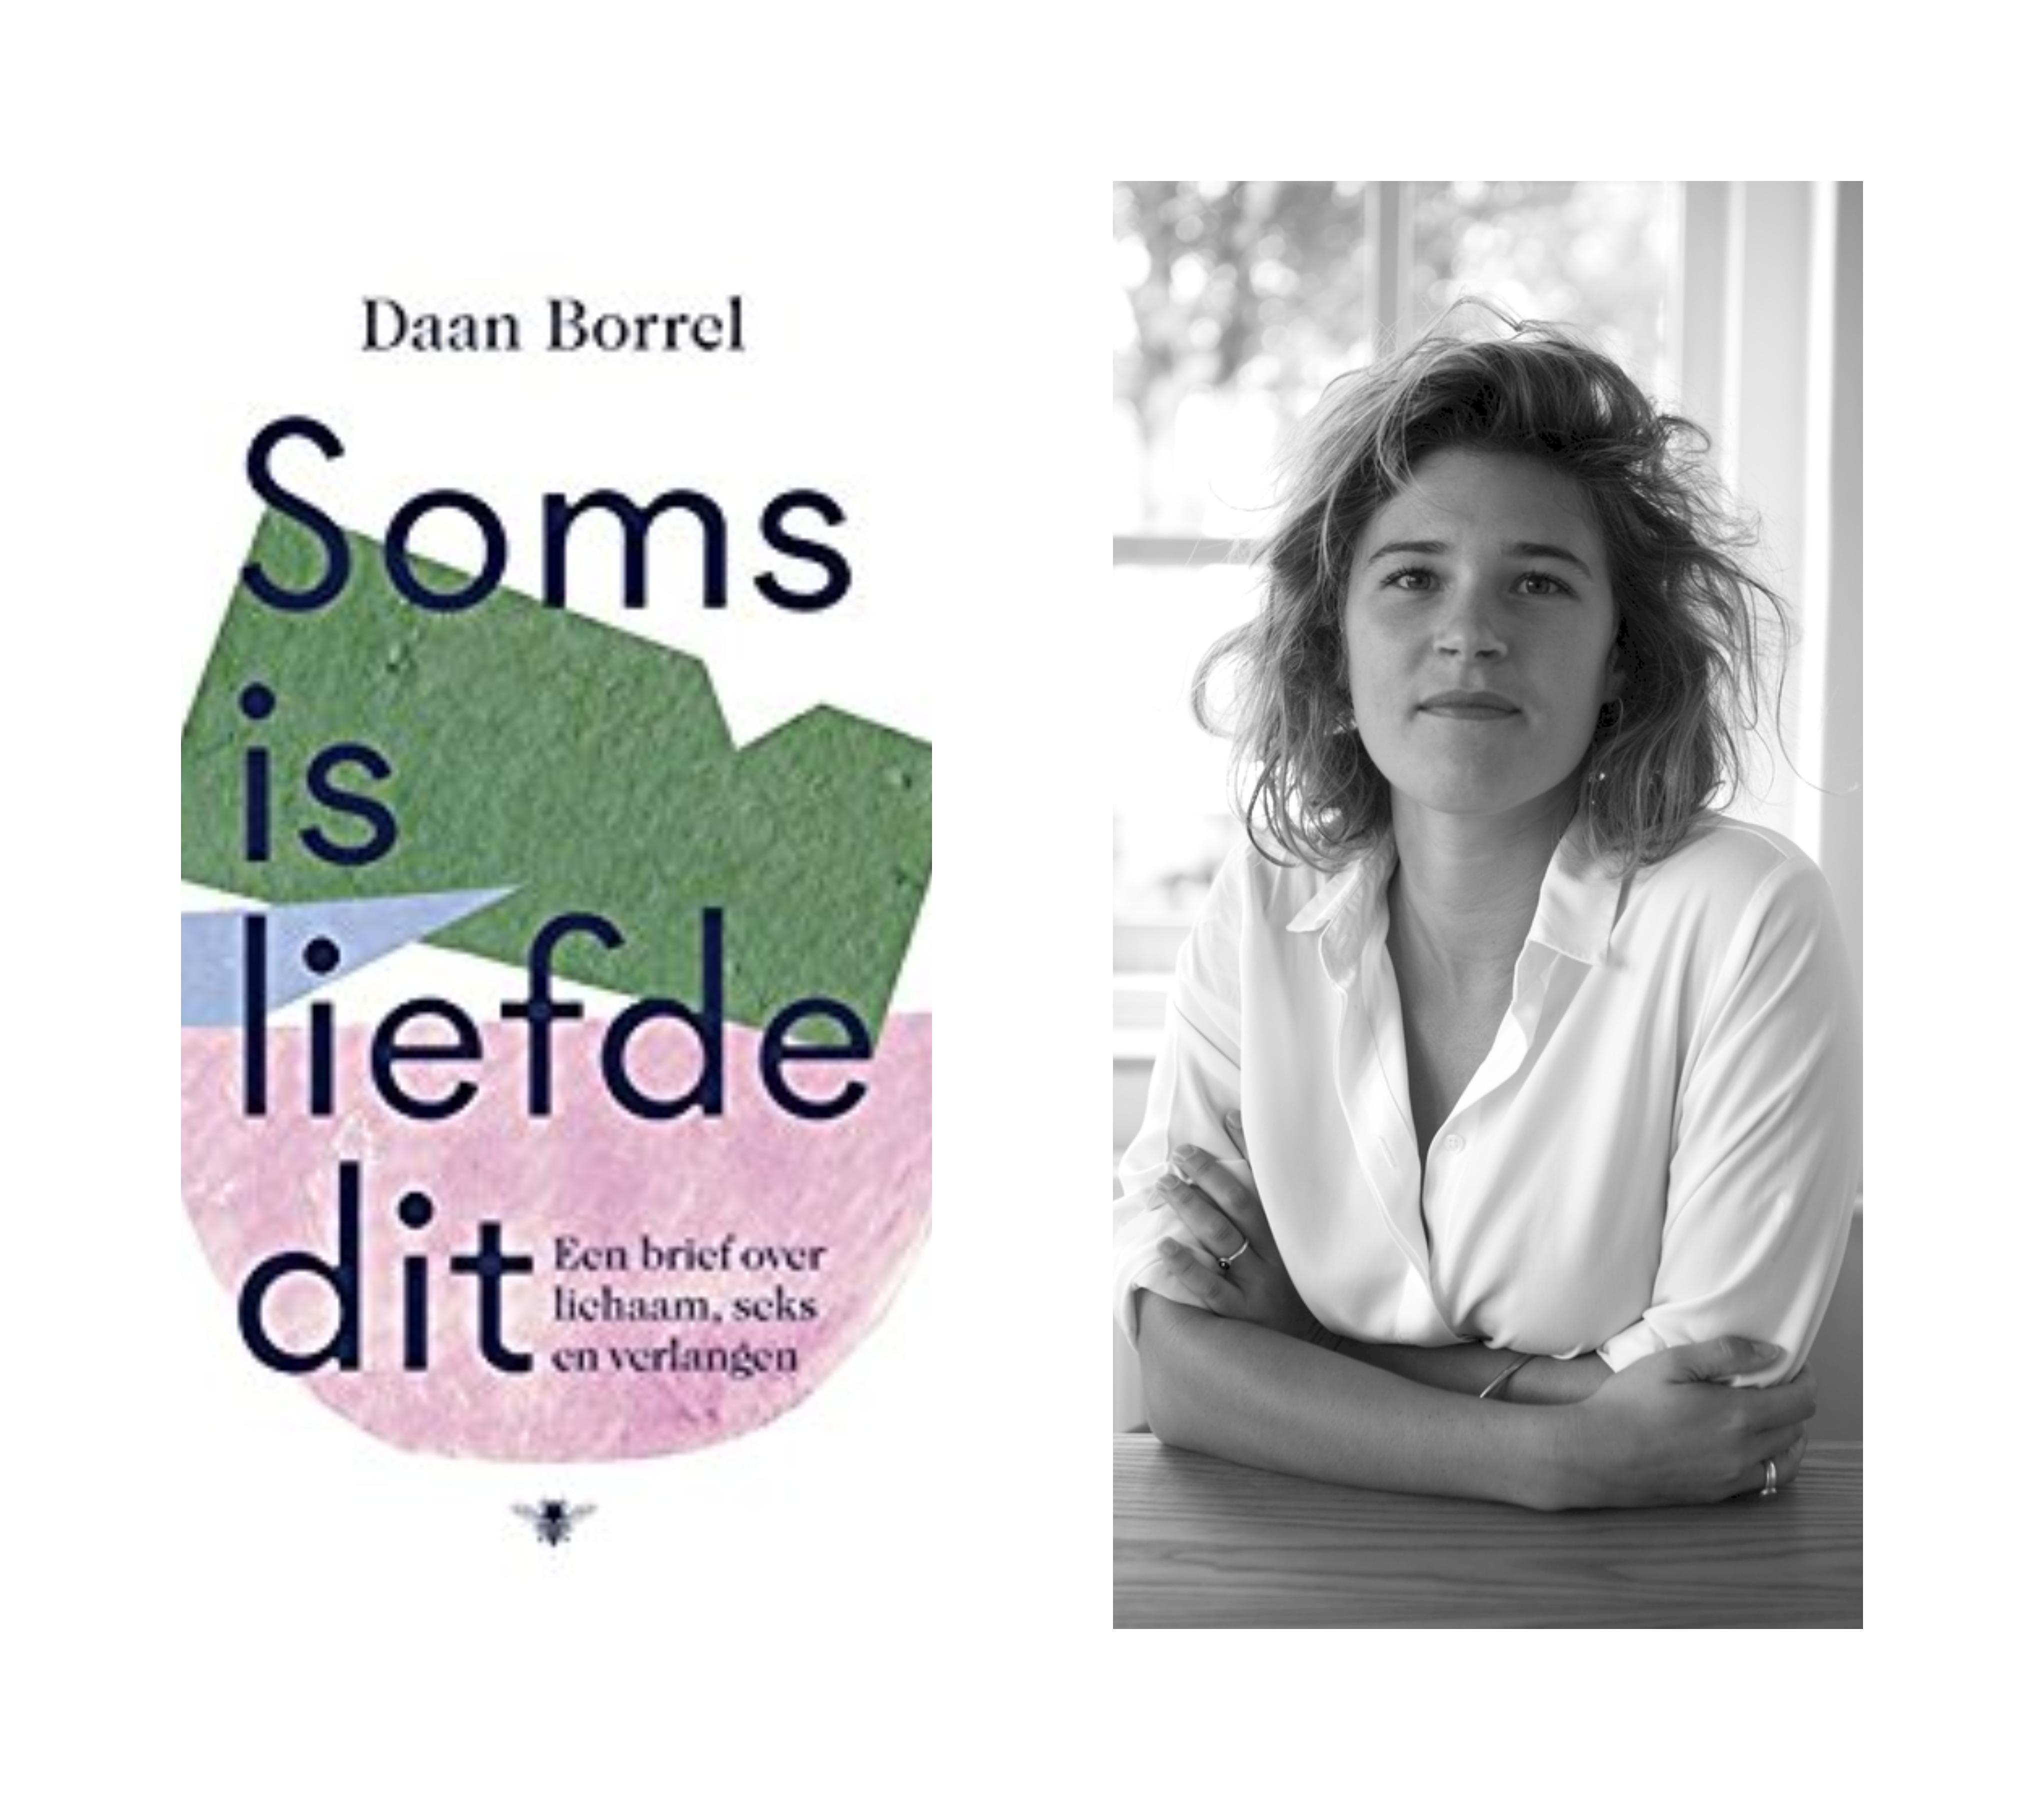 Goed gesprek met Daan Borrel over 'Soms is liefde dit'